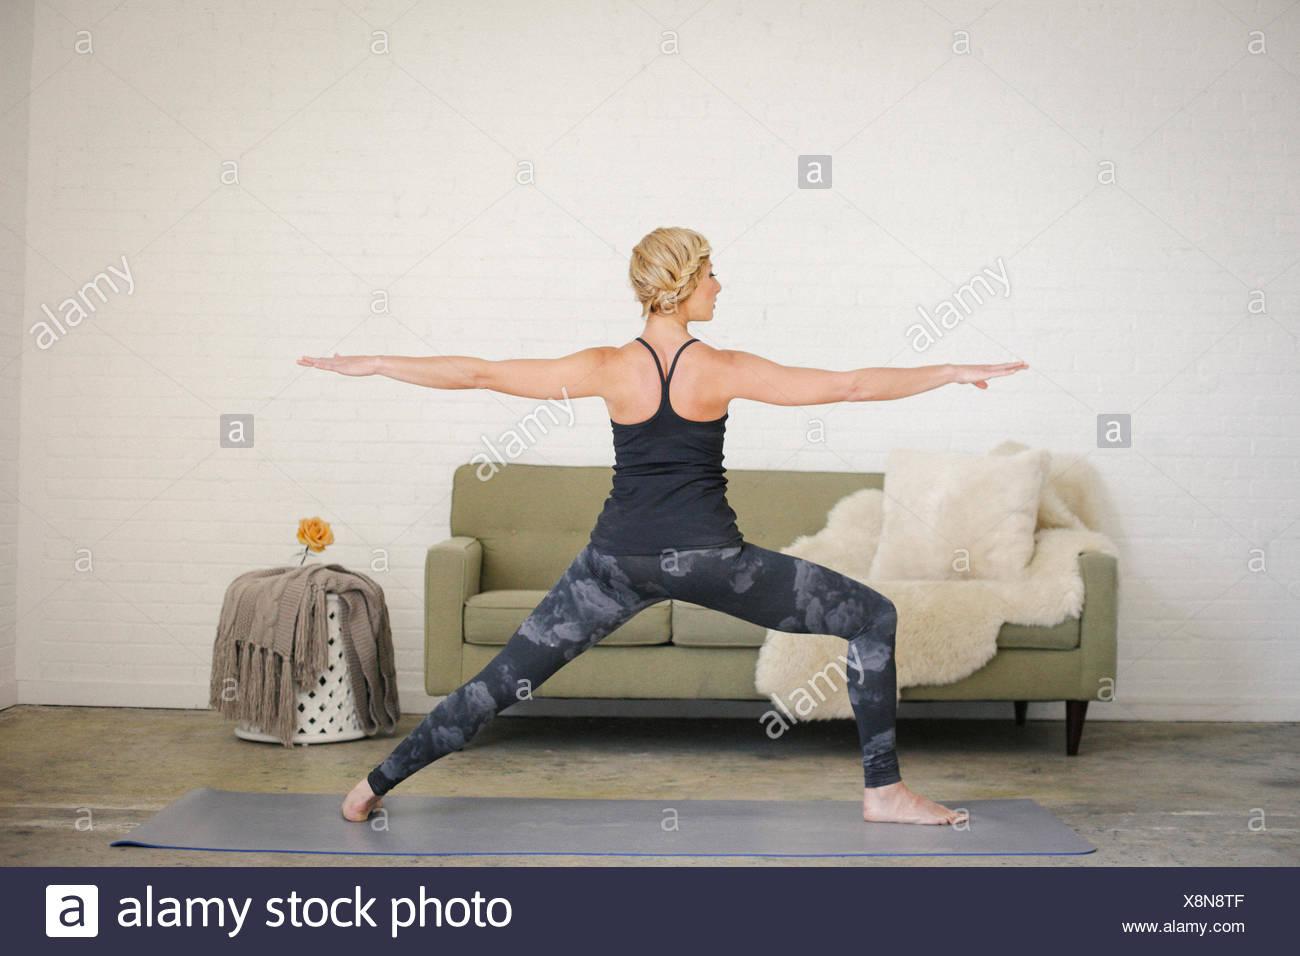 Une femme blonde dans un justaucorps noir et leggings debout sur un tapis de yoga dans une chambre, ses jambes et bras tendus. Photo Stock